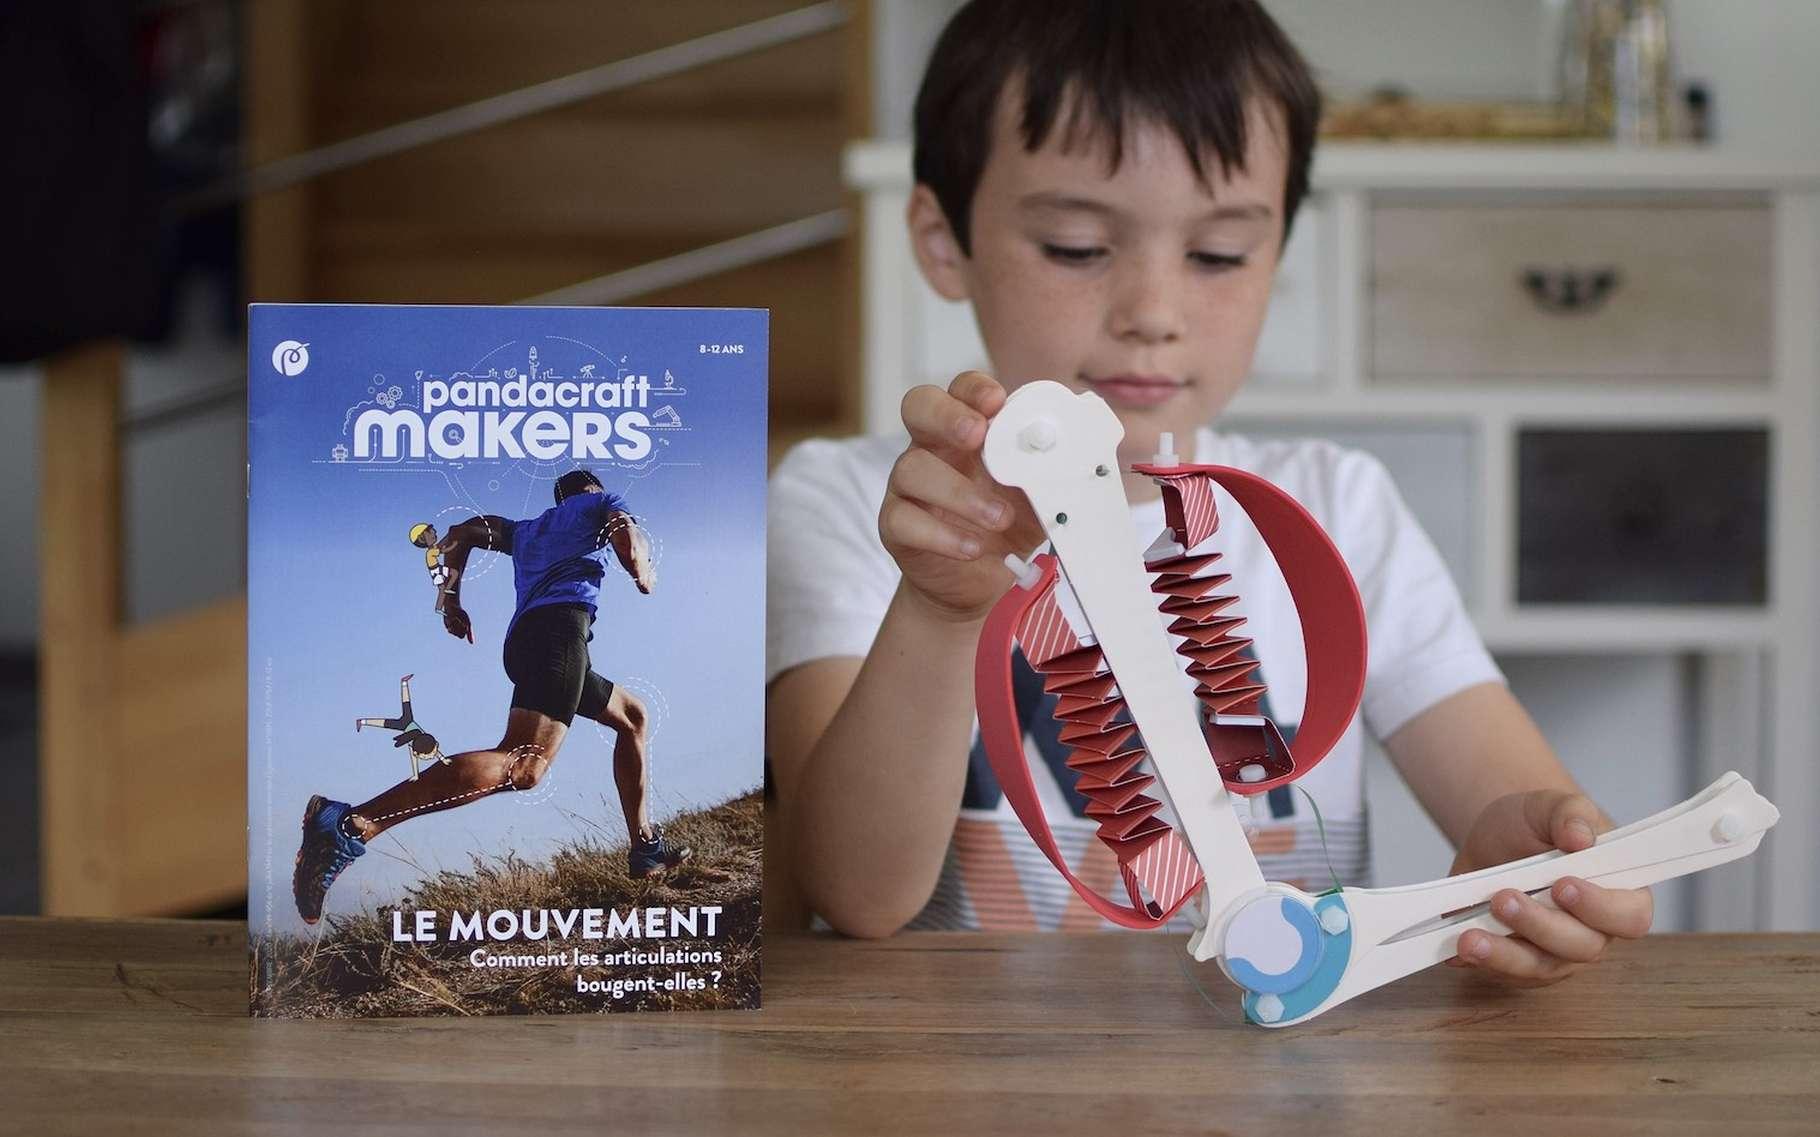 Les kits créatifs et scientifiques Pandacraft misent sur l'expérience pour aider les enfants à apprendre mieux et sans contrainte. © Pandacraft